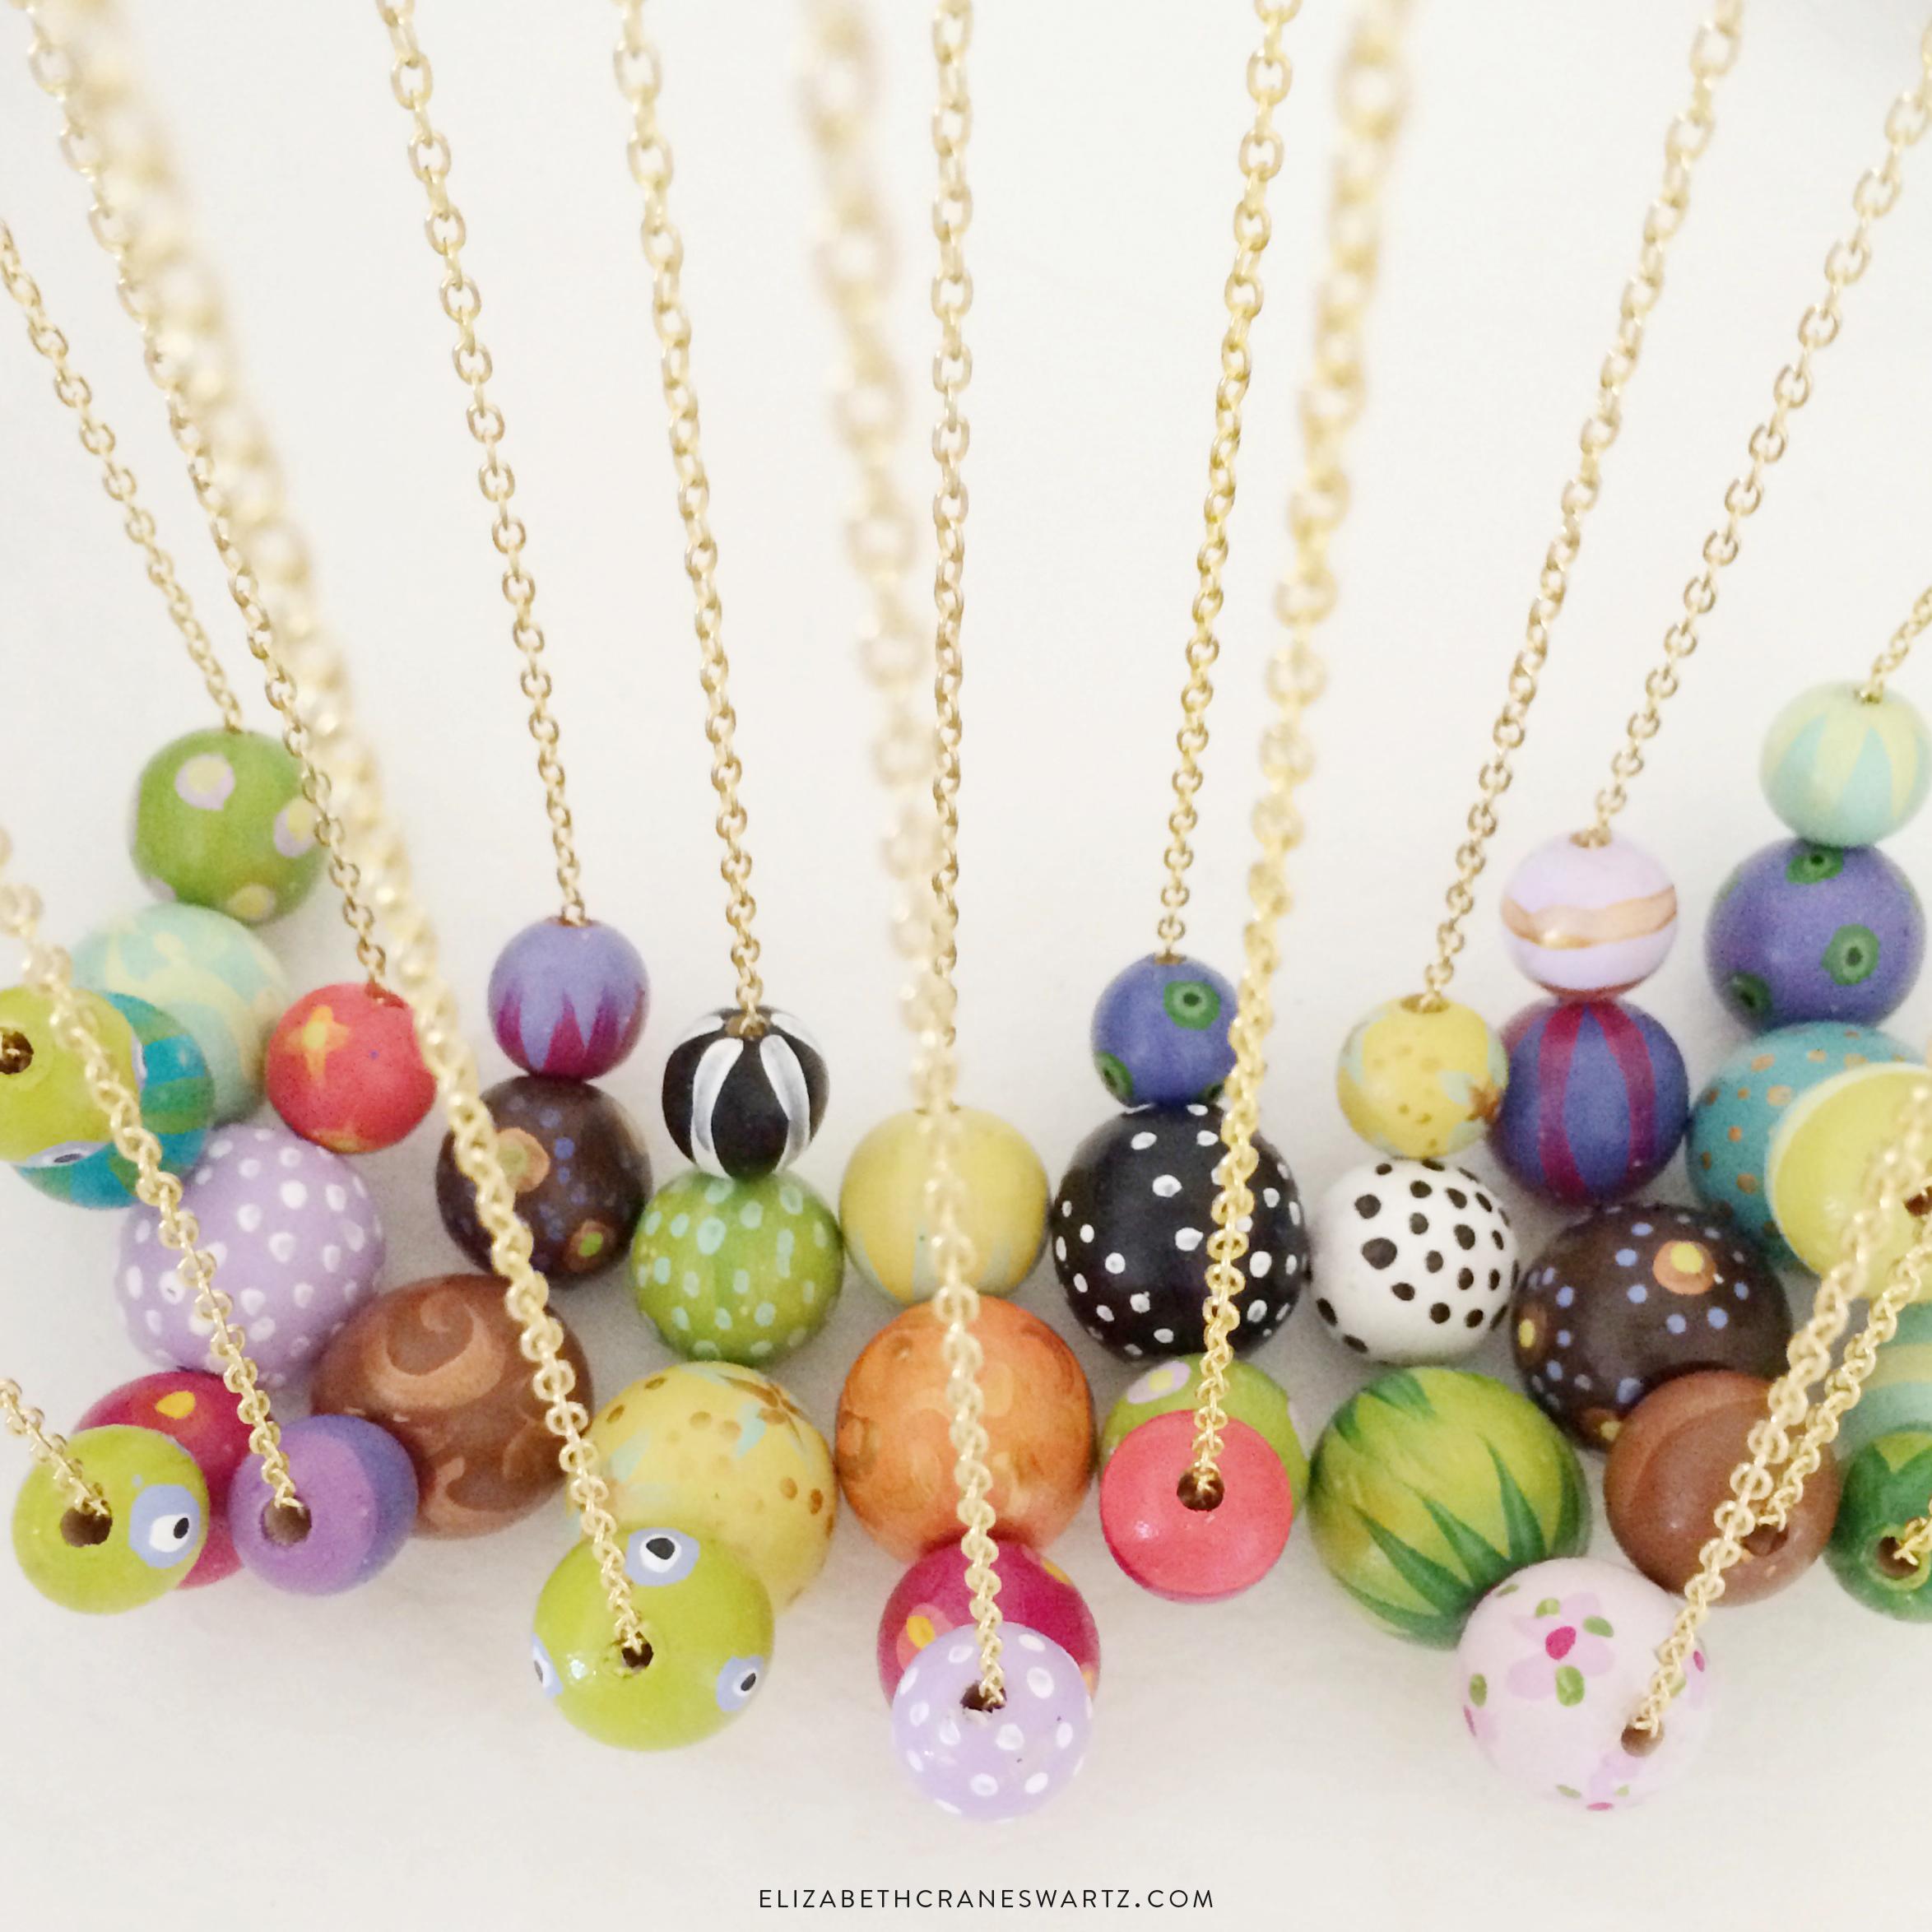 hand painted necklaces / elizabethcraneswartz.bigcartel.com